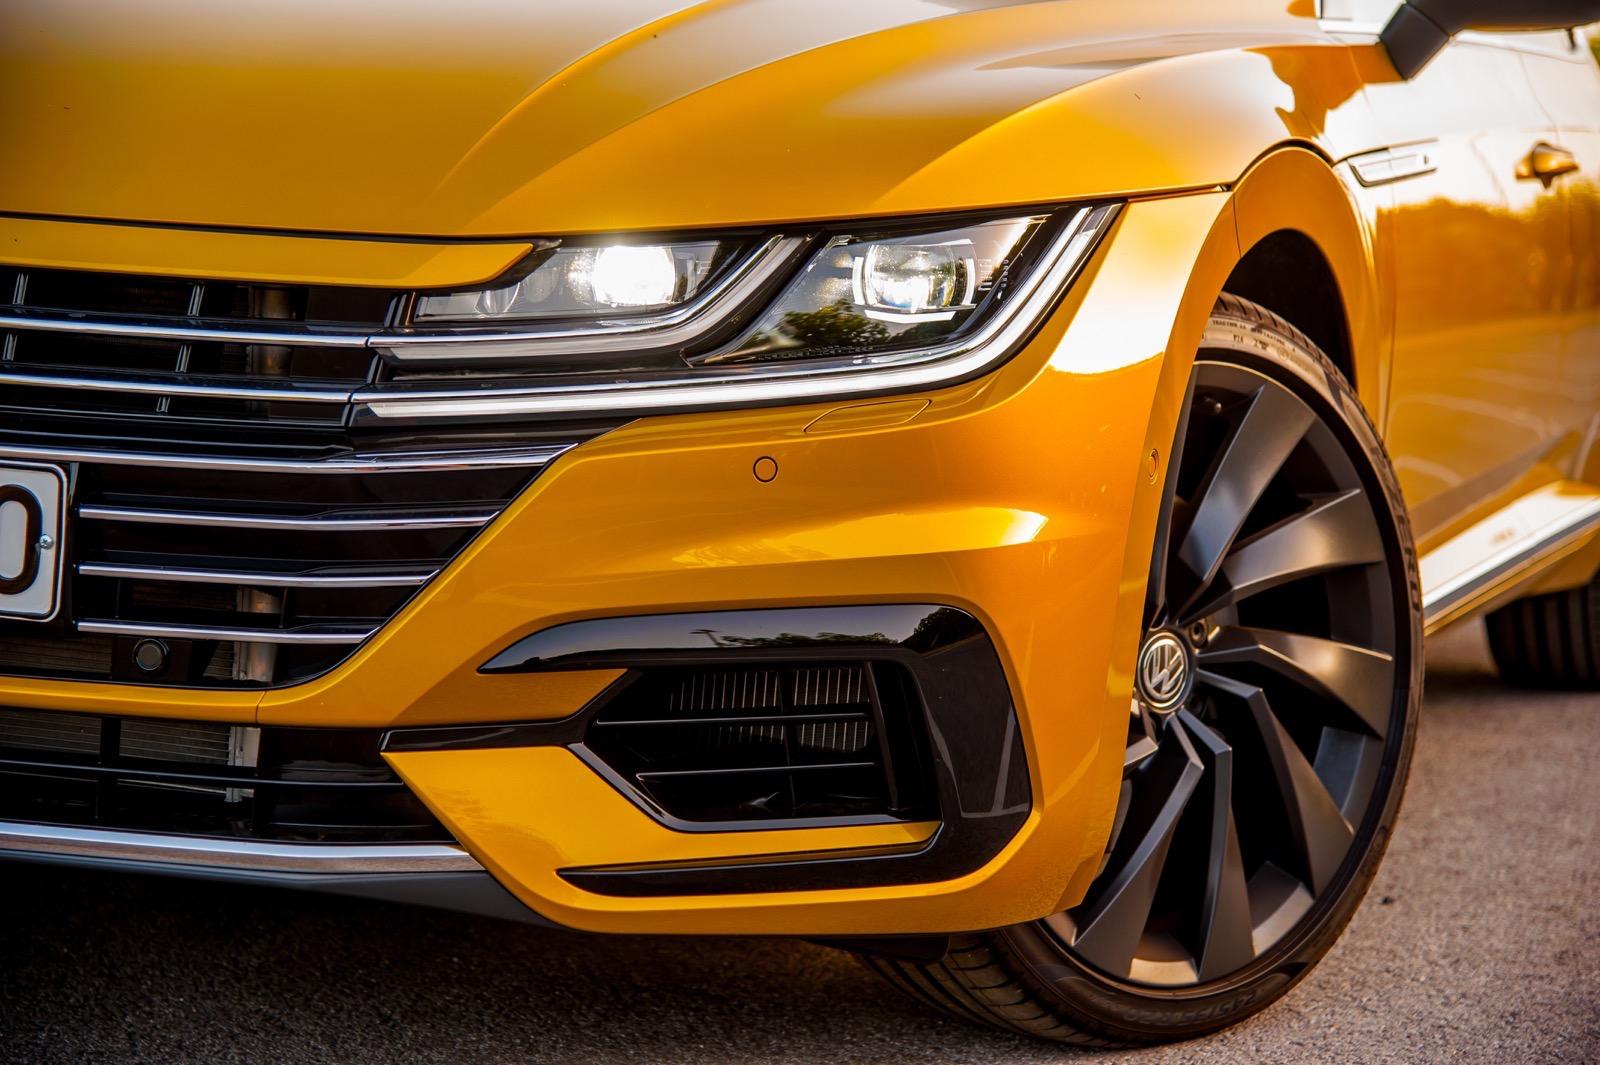 Volkswagen_Arteon_Greek_Presentataion_50